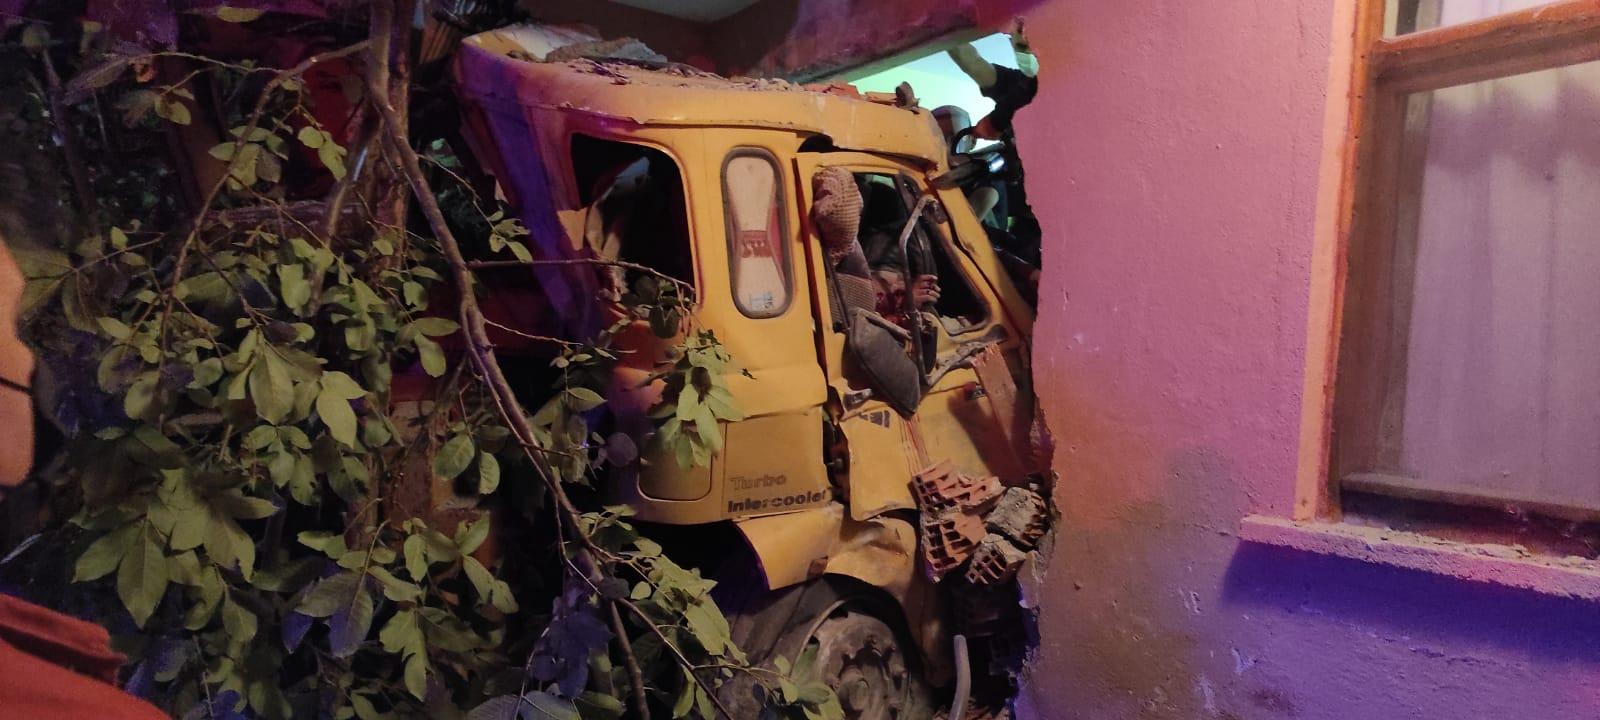 Boğazkale'de freni boşalan vinç 2 katlı evin duvarına çarptıktan sonra eve girdi. Kazada 2'si ağır 4 kişi yaralandı.